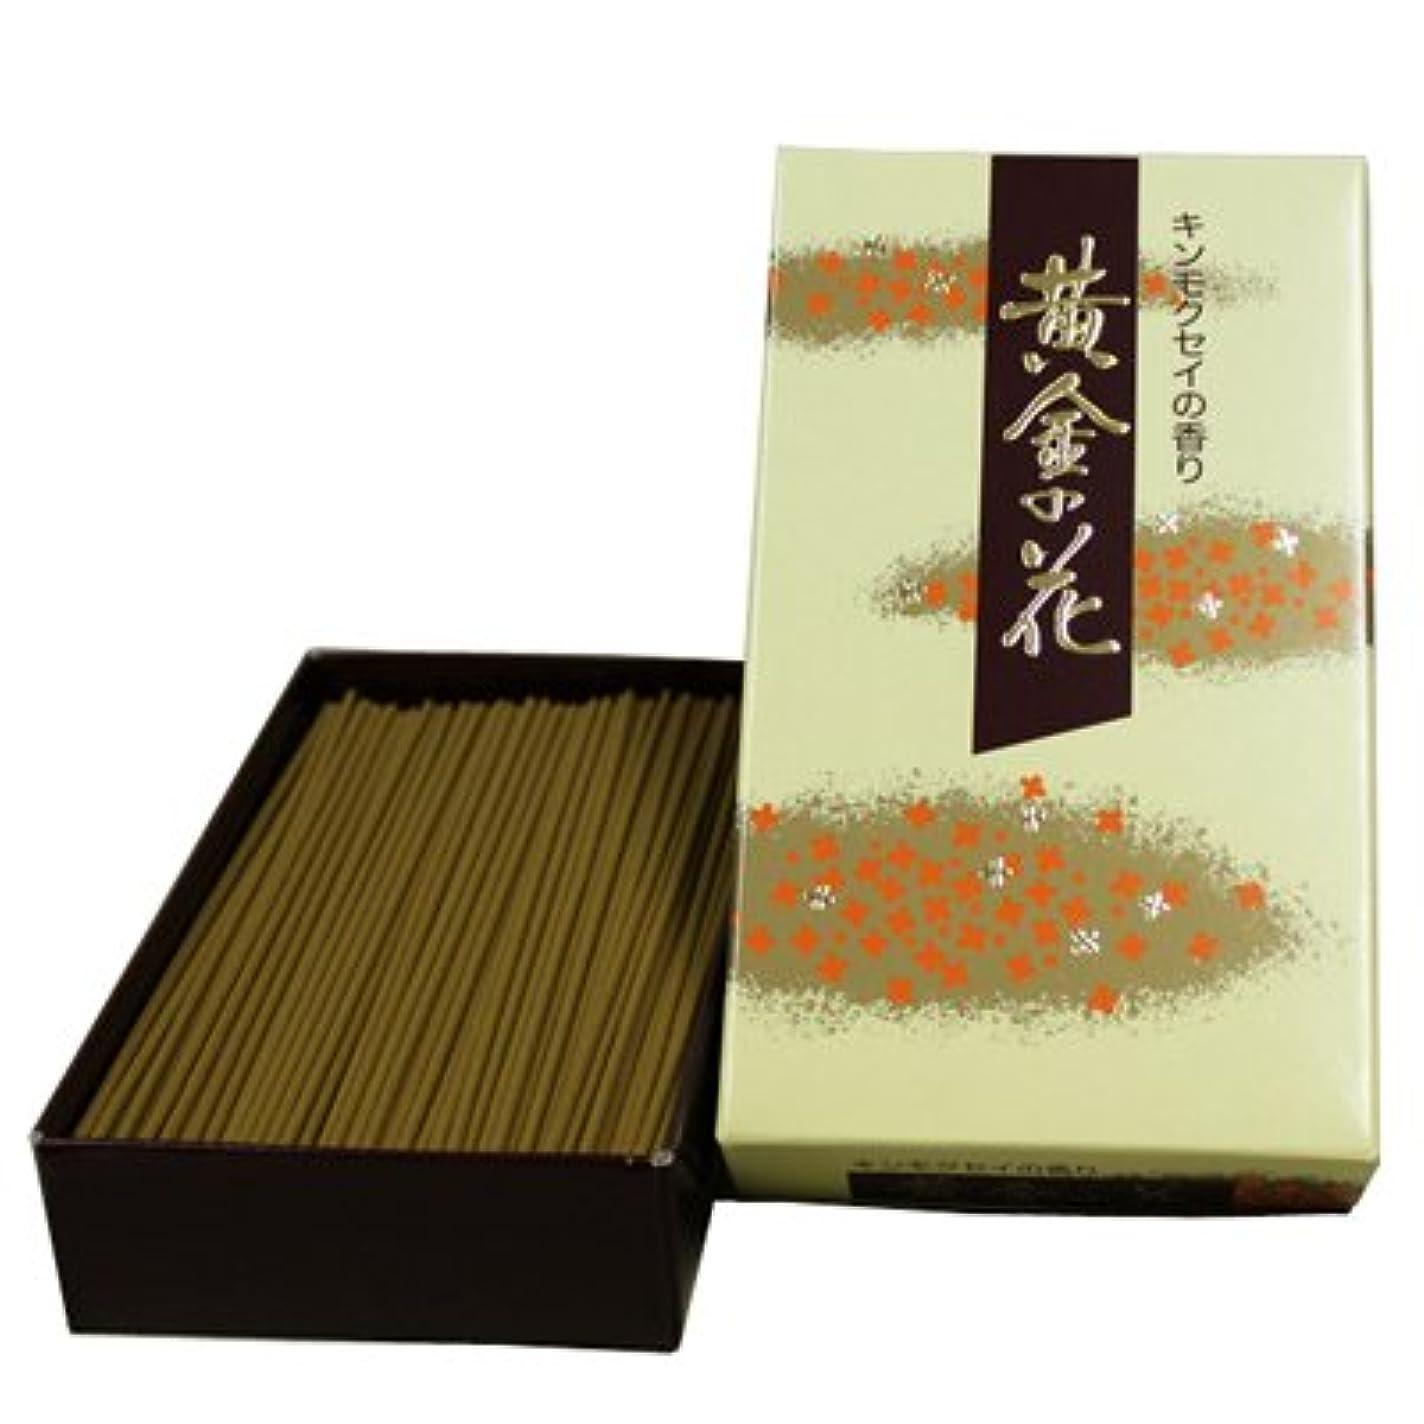 アンペア樫の木マルコポーロ黄金の花 キンモクセイのお線香